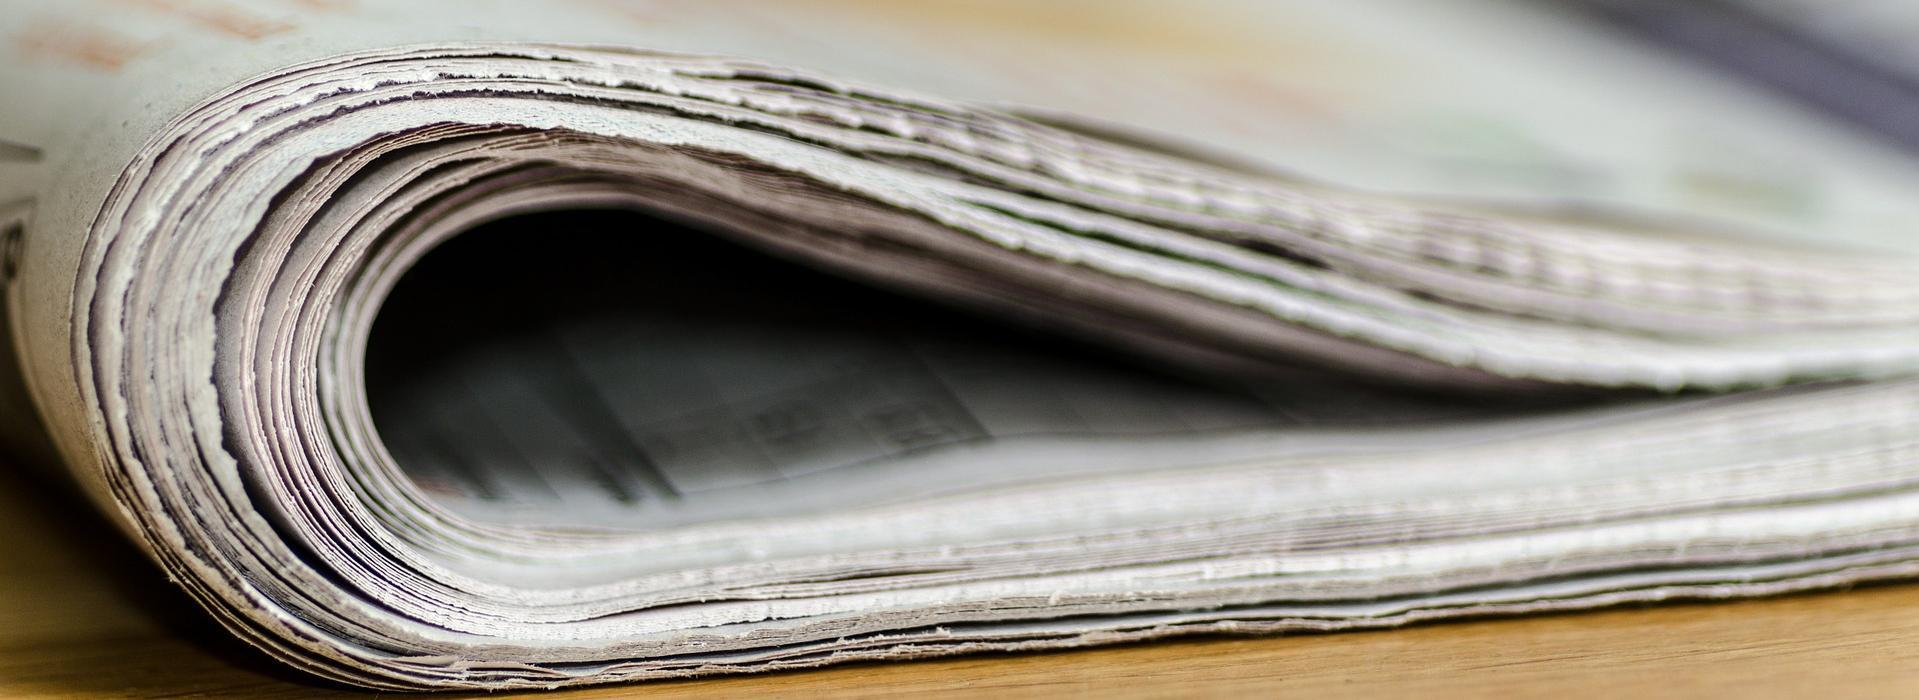 obere Kante einer zusammengefalteten Zeitung auf Tisch liegend Zeitungen_Stapel.jpg